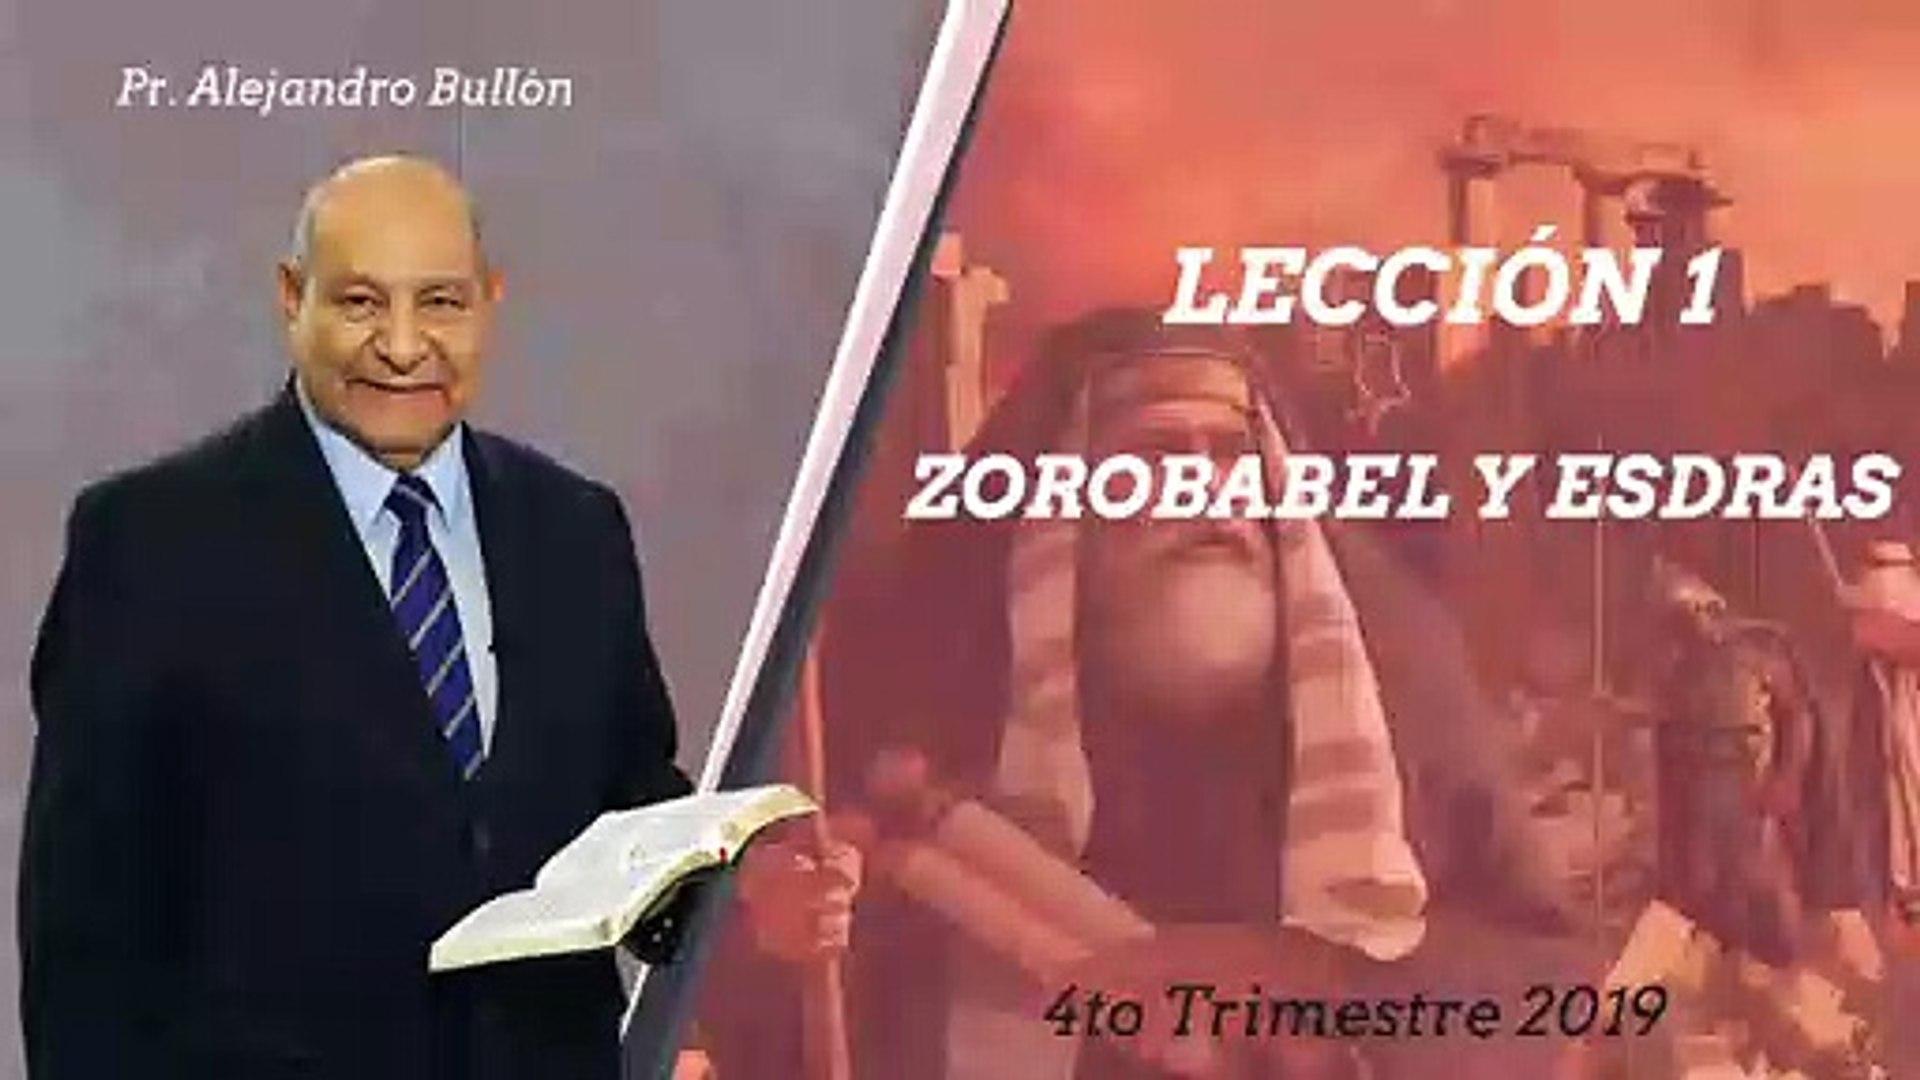 Repaso Leccion 1: Encontrarle sentido a la historia Zorobabel y Esdras | Pt. Alejandro Bullon